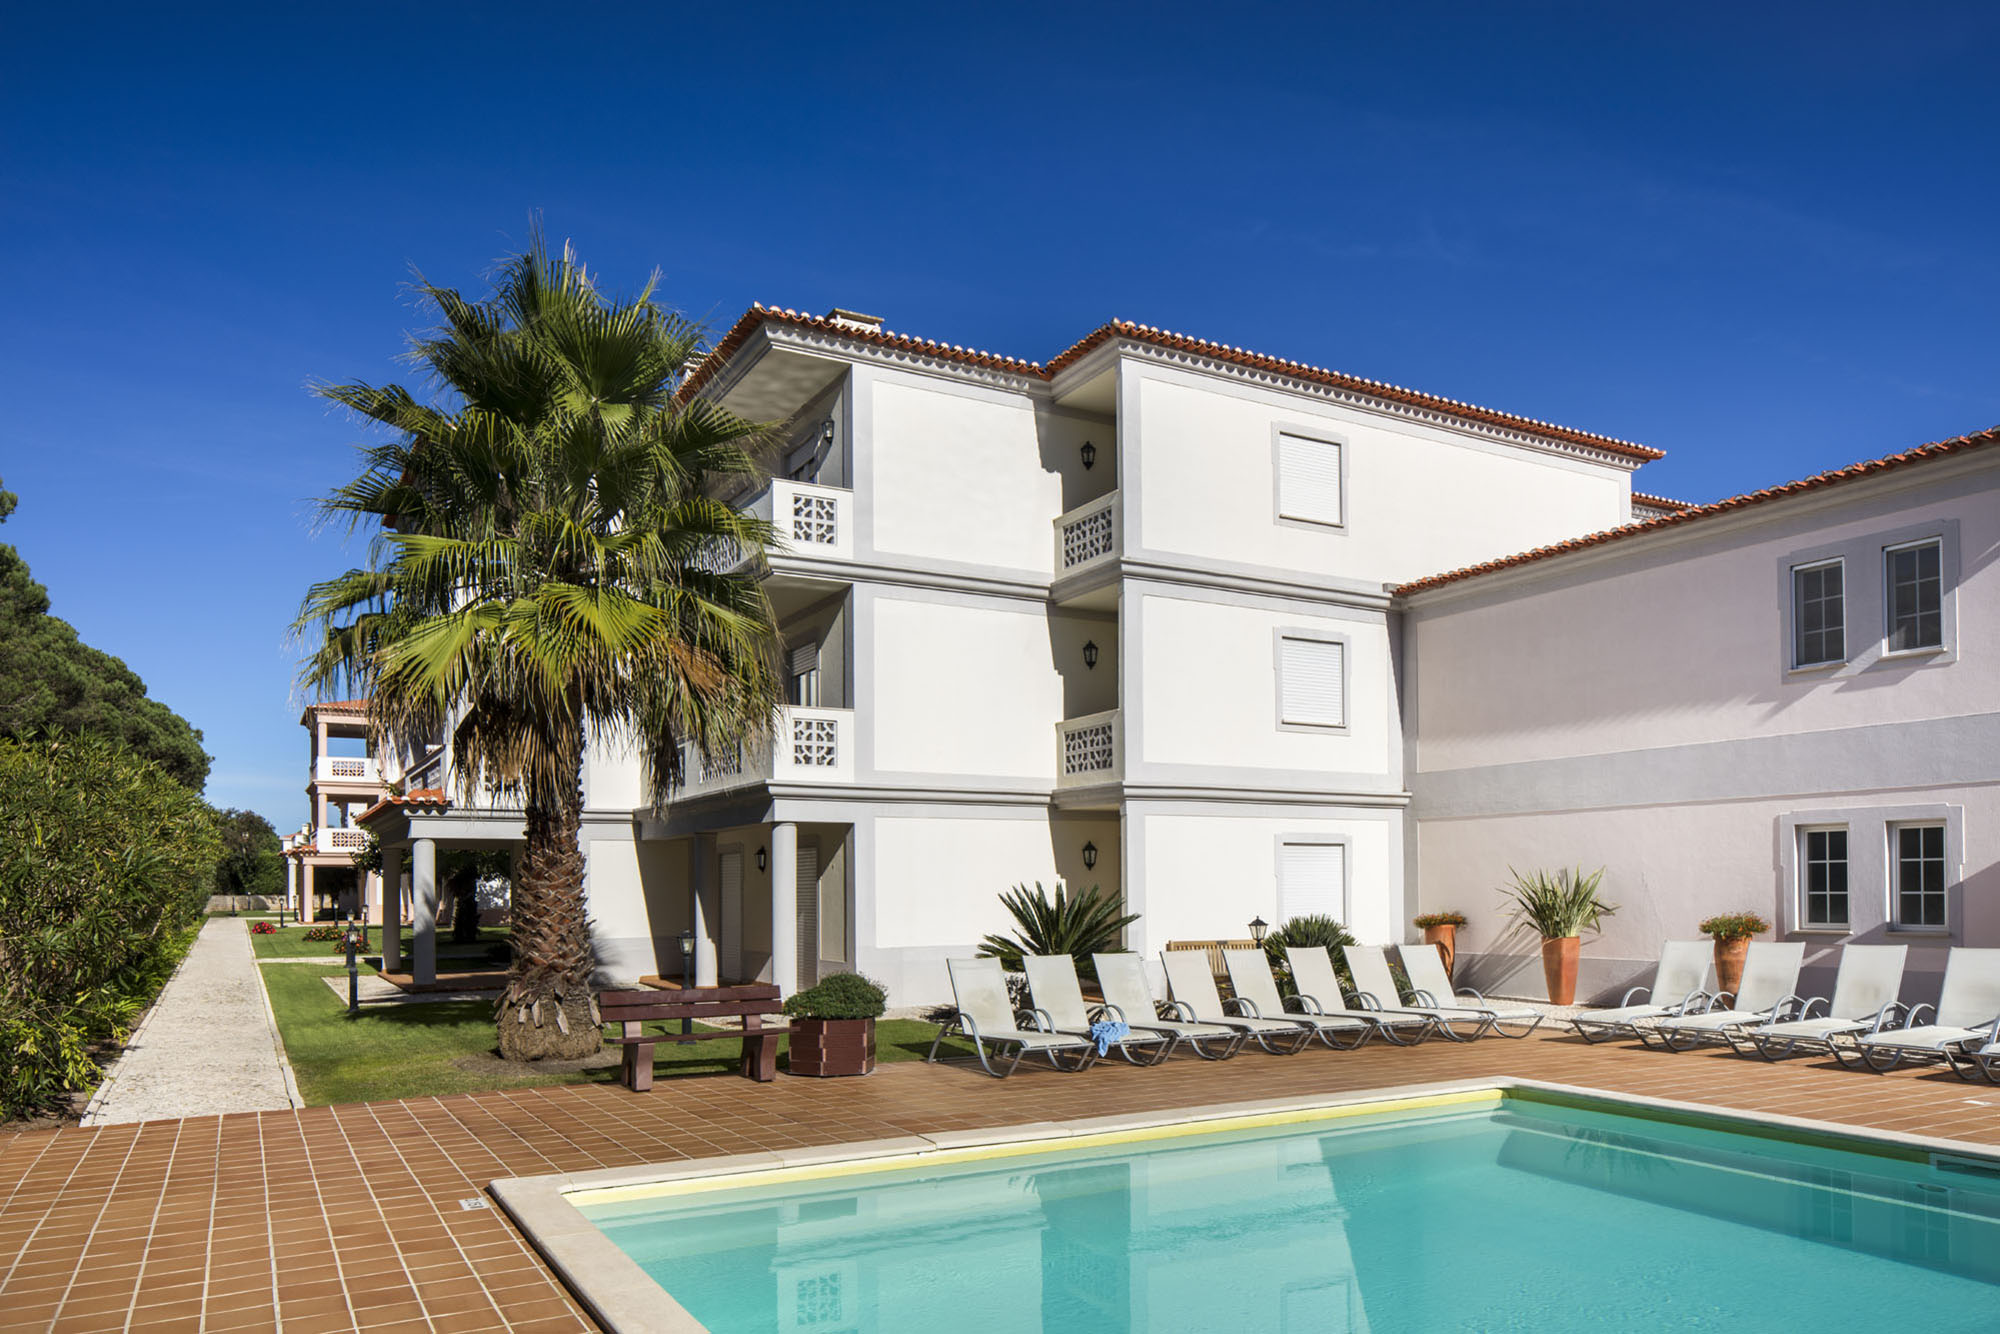 praia-del-rey-beach-golf-resort-the-village 3234